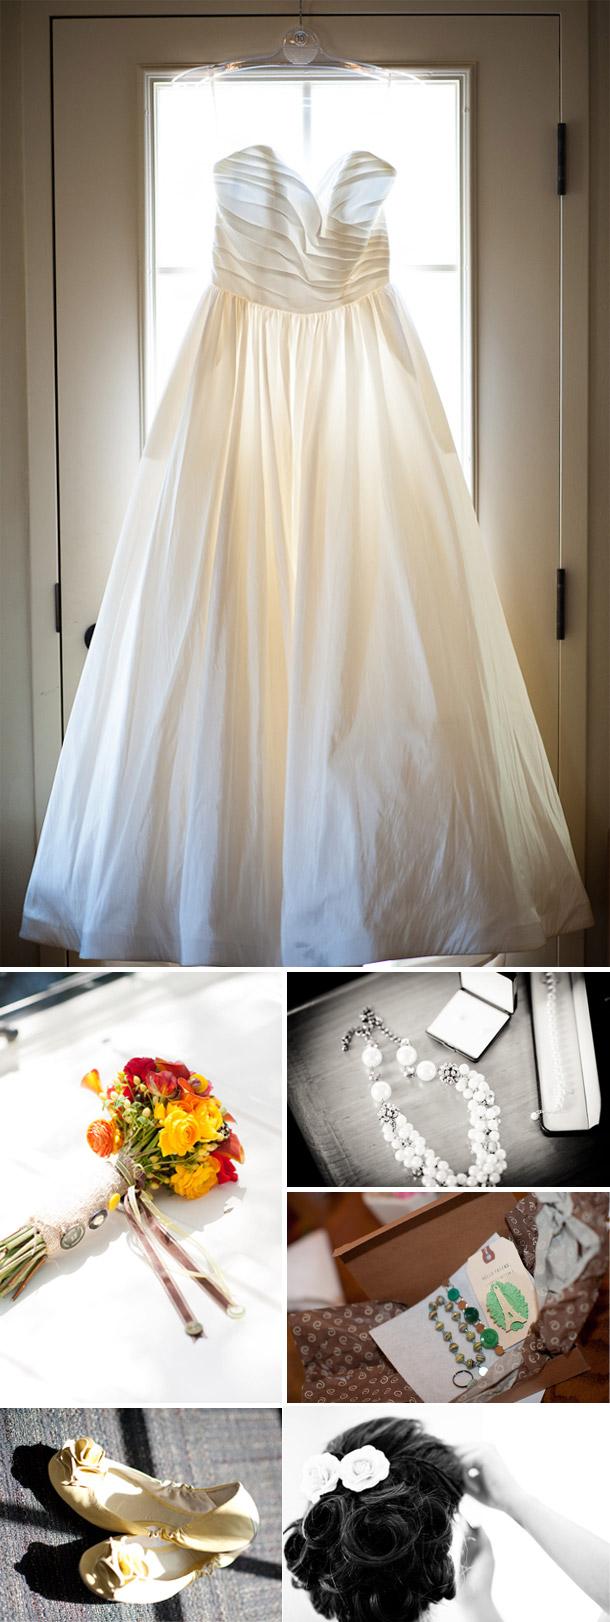 Rebecca und Michaels Hochzeit bei DAVIDMKANDELHARDT Photography